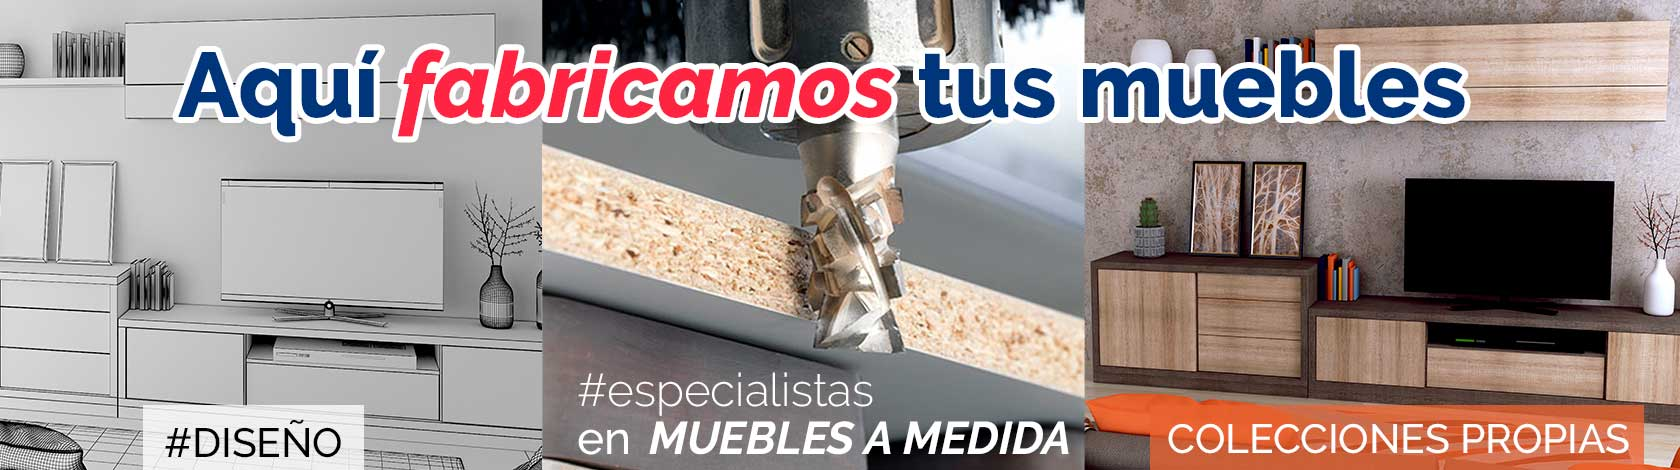 Tiendas De Muebles En Lleida Muebles A Medida Daicarmobel # Cif Muebles La Fabrica